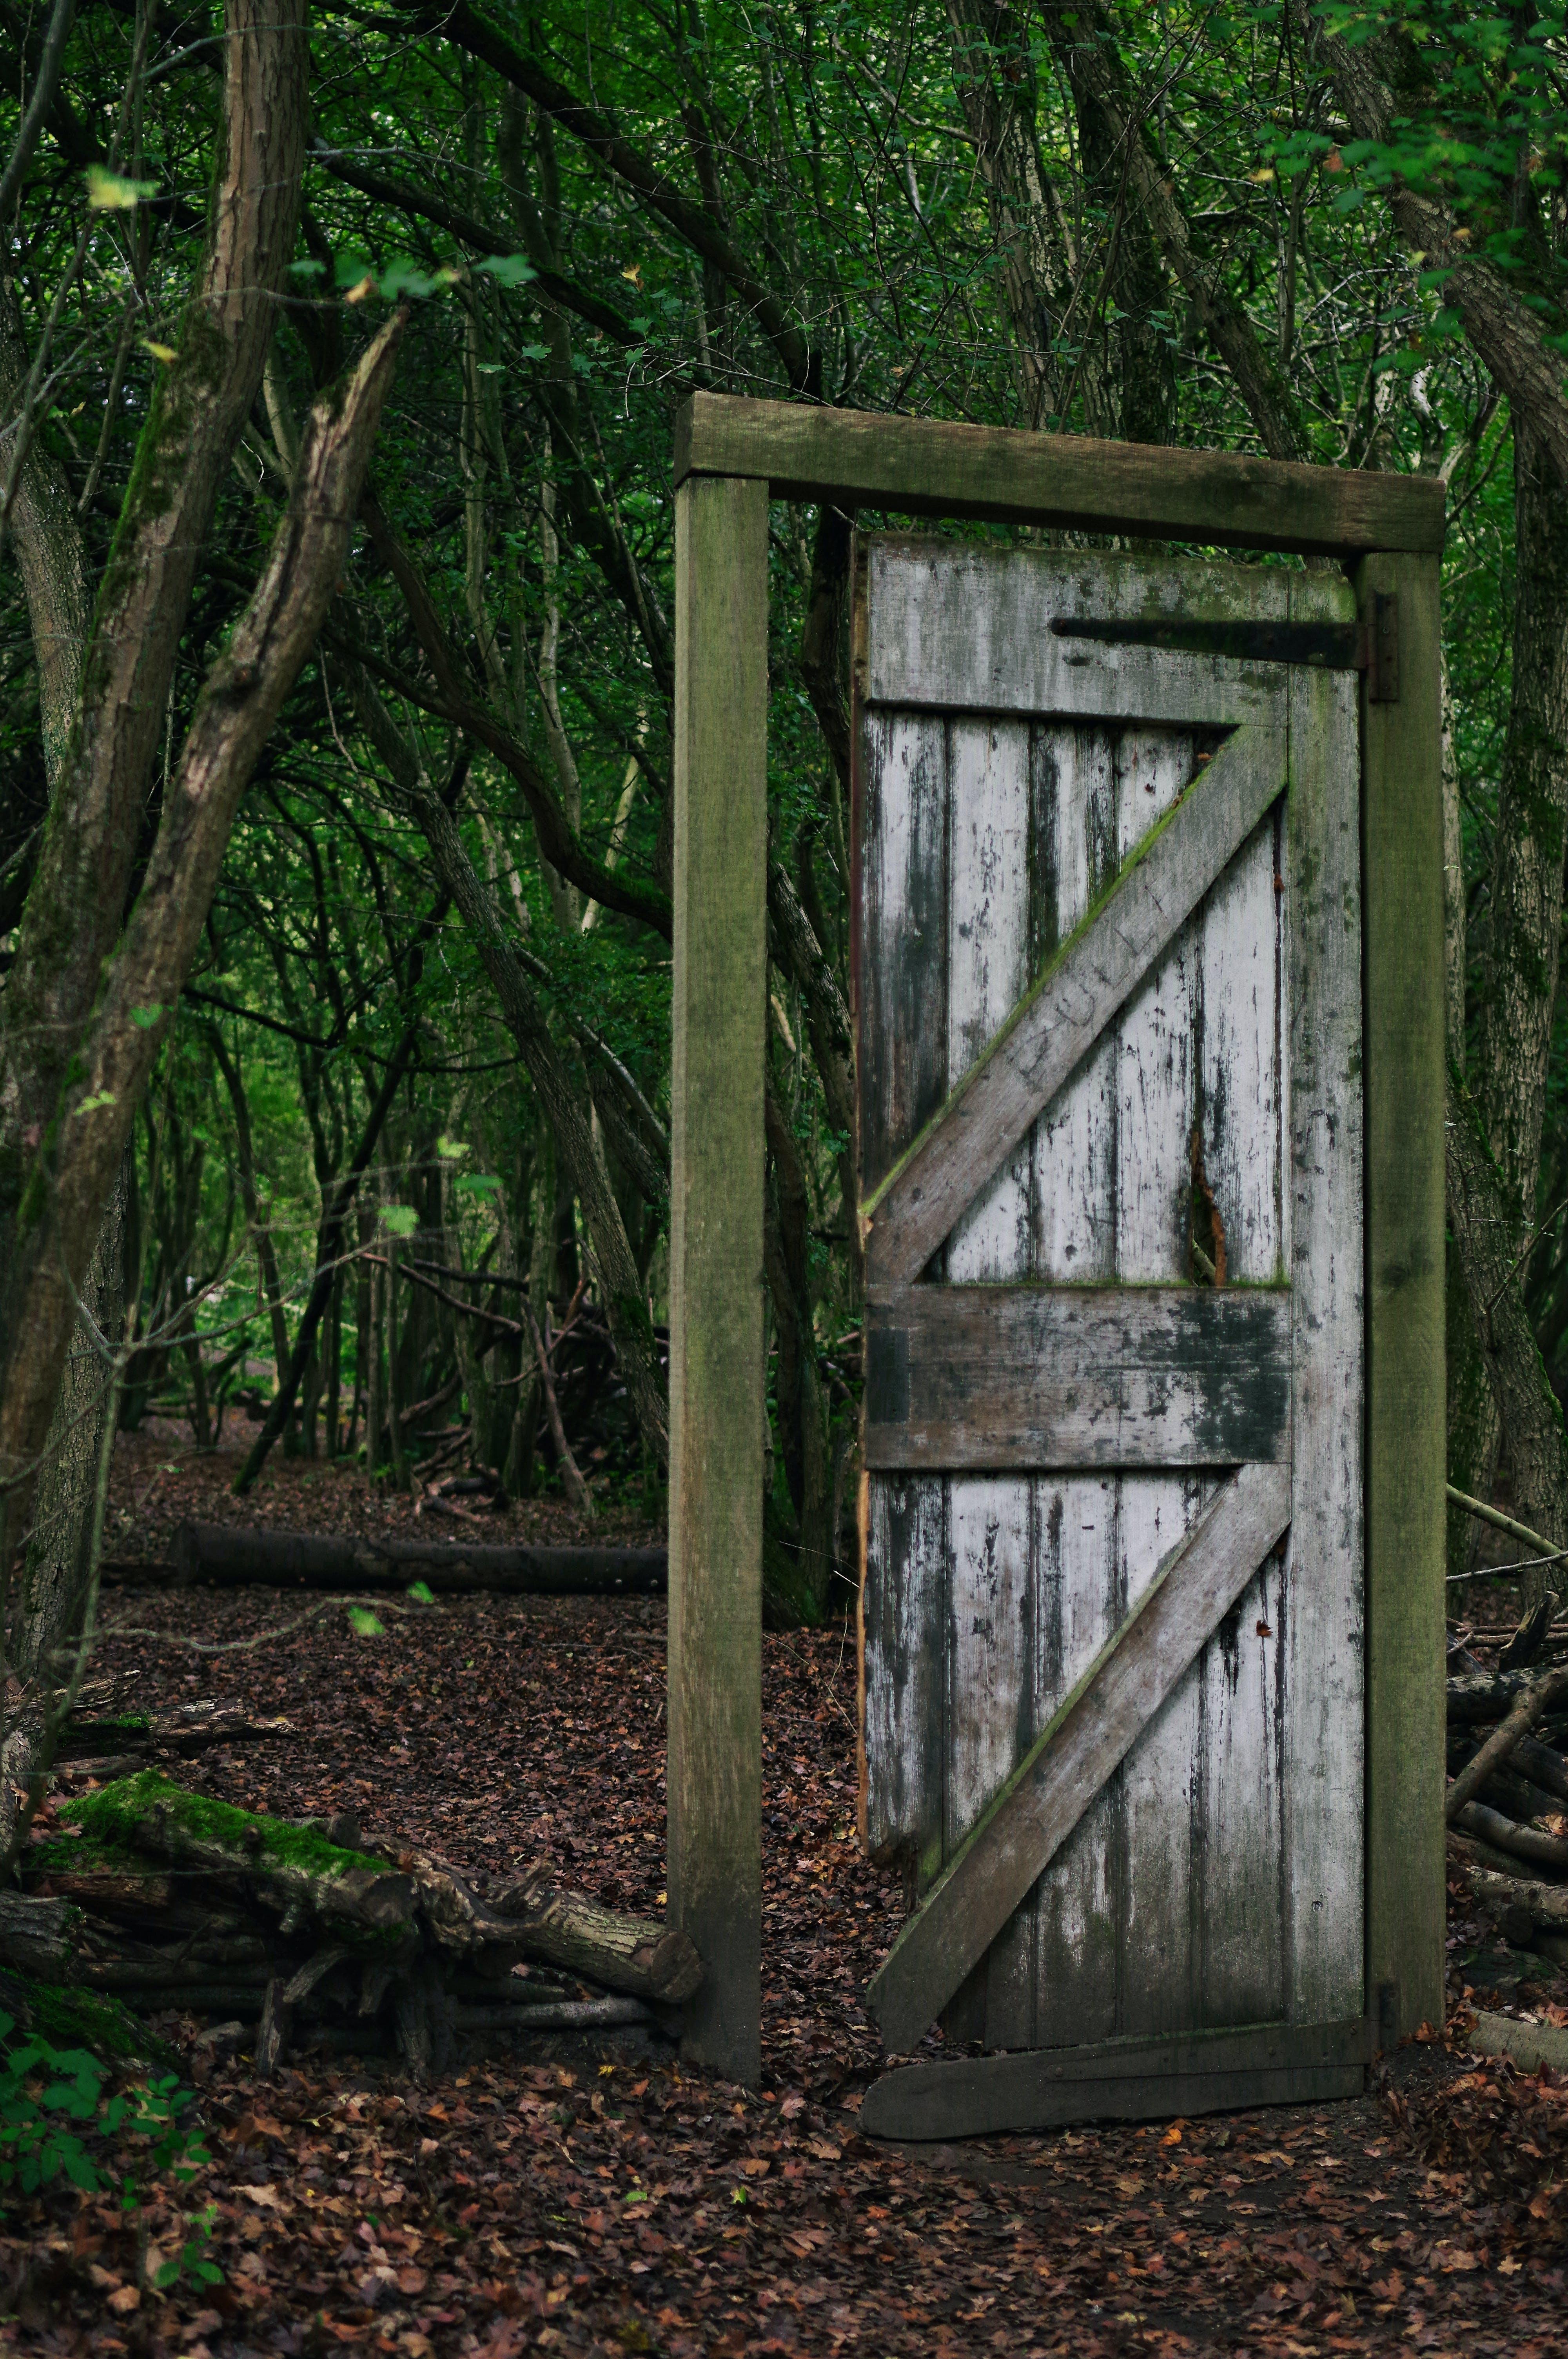 Foto d'estoc gratuïta de boscos, entarance, misteriós, porta